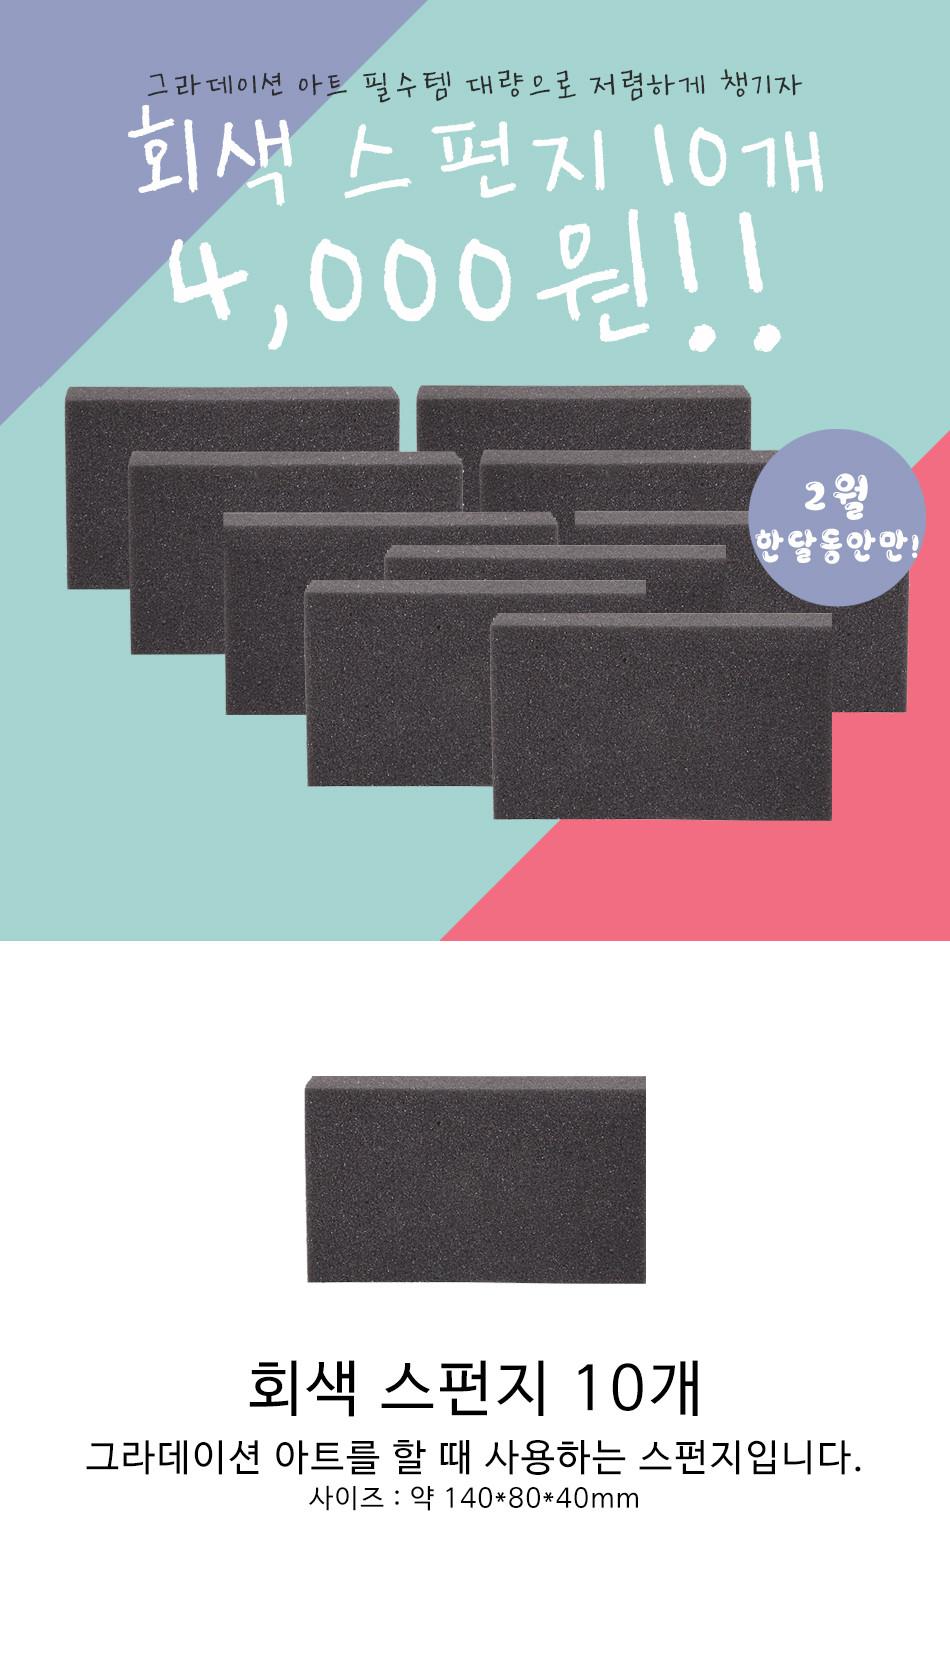 [사라센] 회색 스폰지 10개 세트